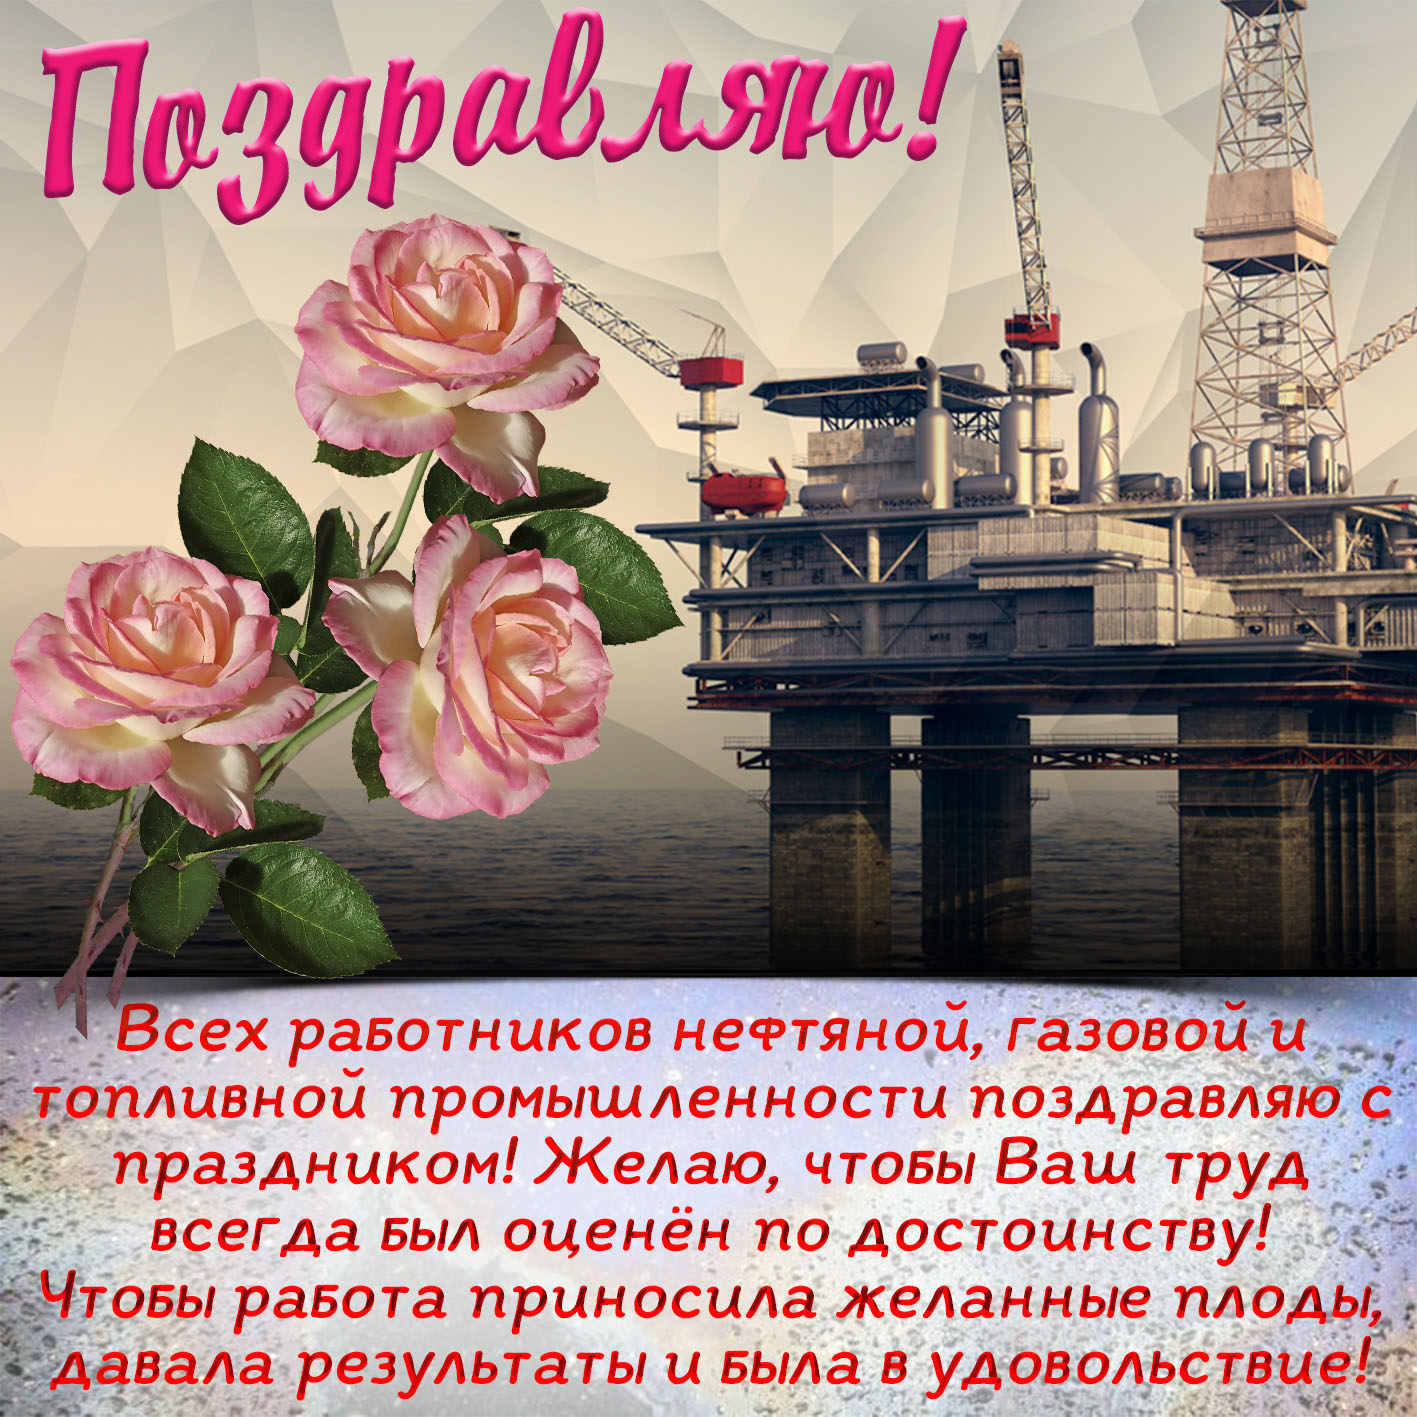 С днем нефтяной и газовой промышленности поздравления открытки